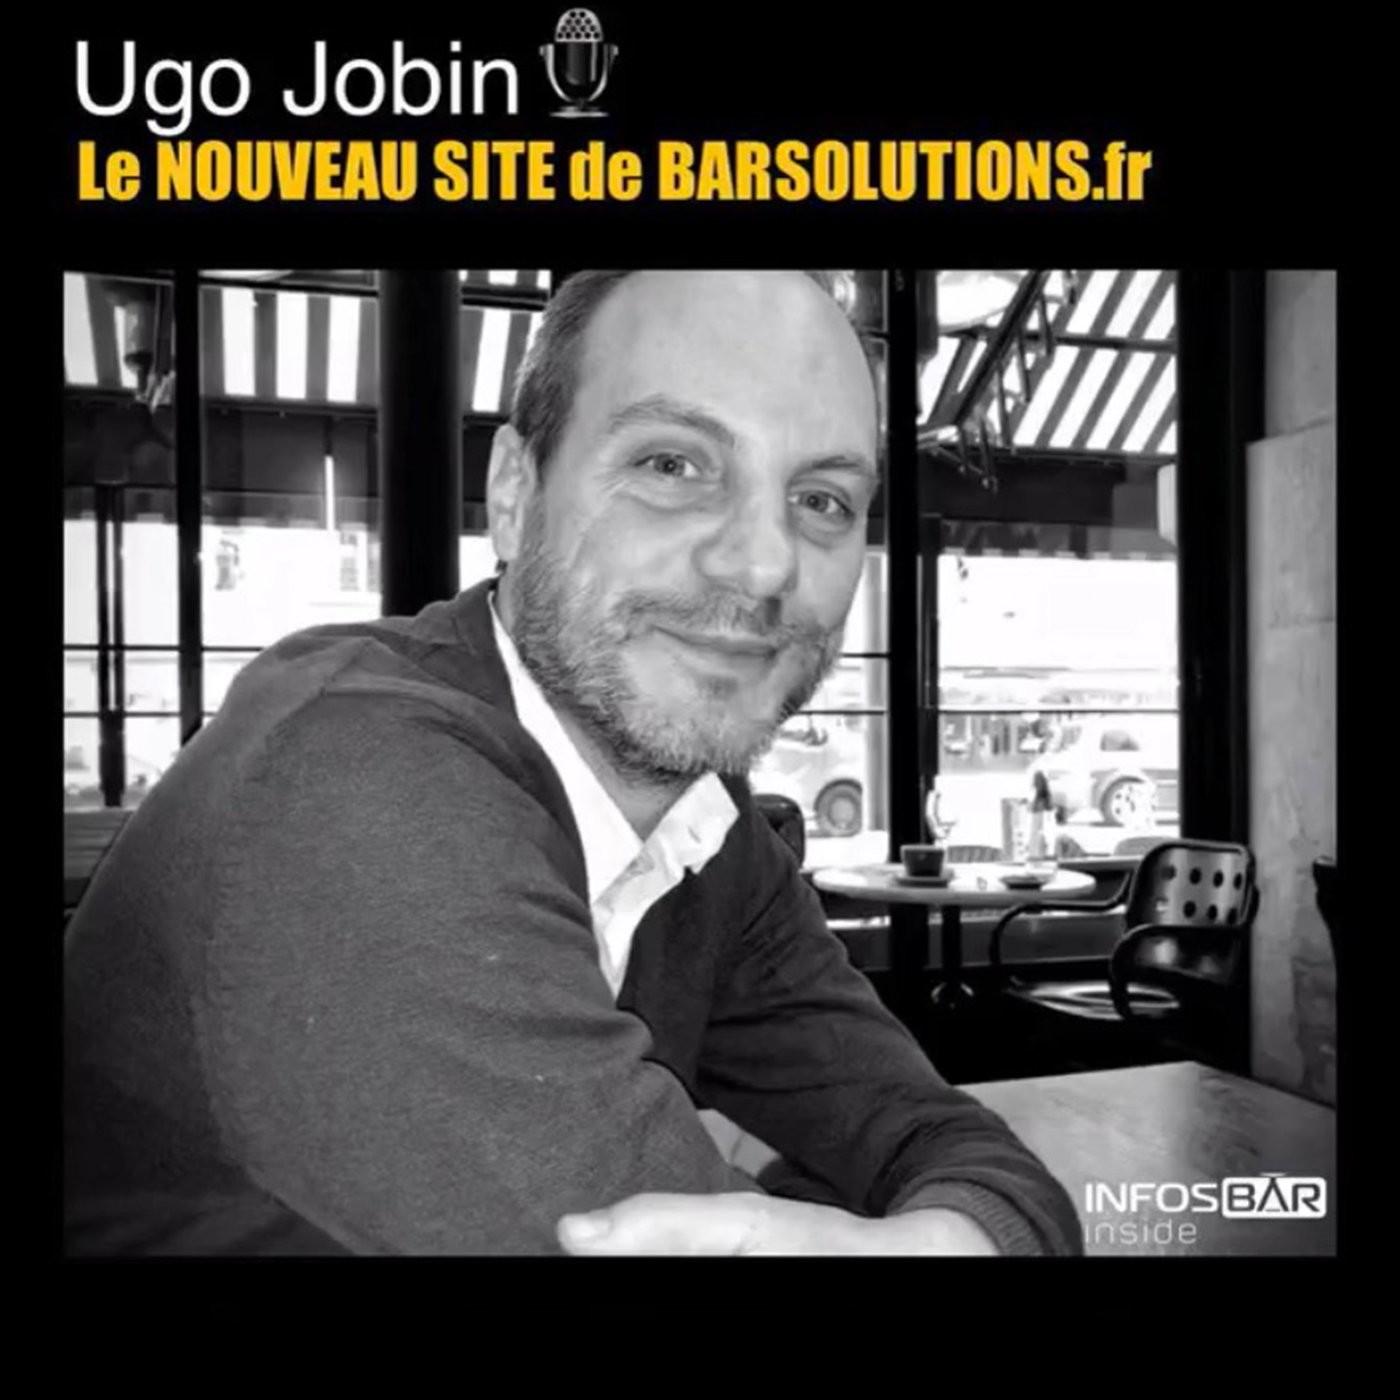 Podcast Infosbar Inside #29 : Le nouveau site www.barsolutions.fr est en ligne